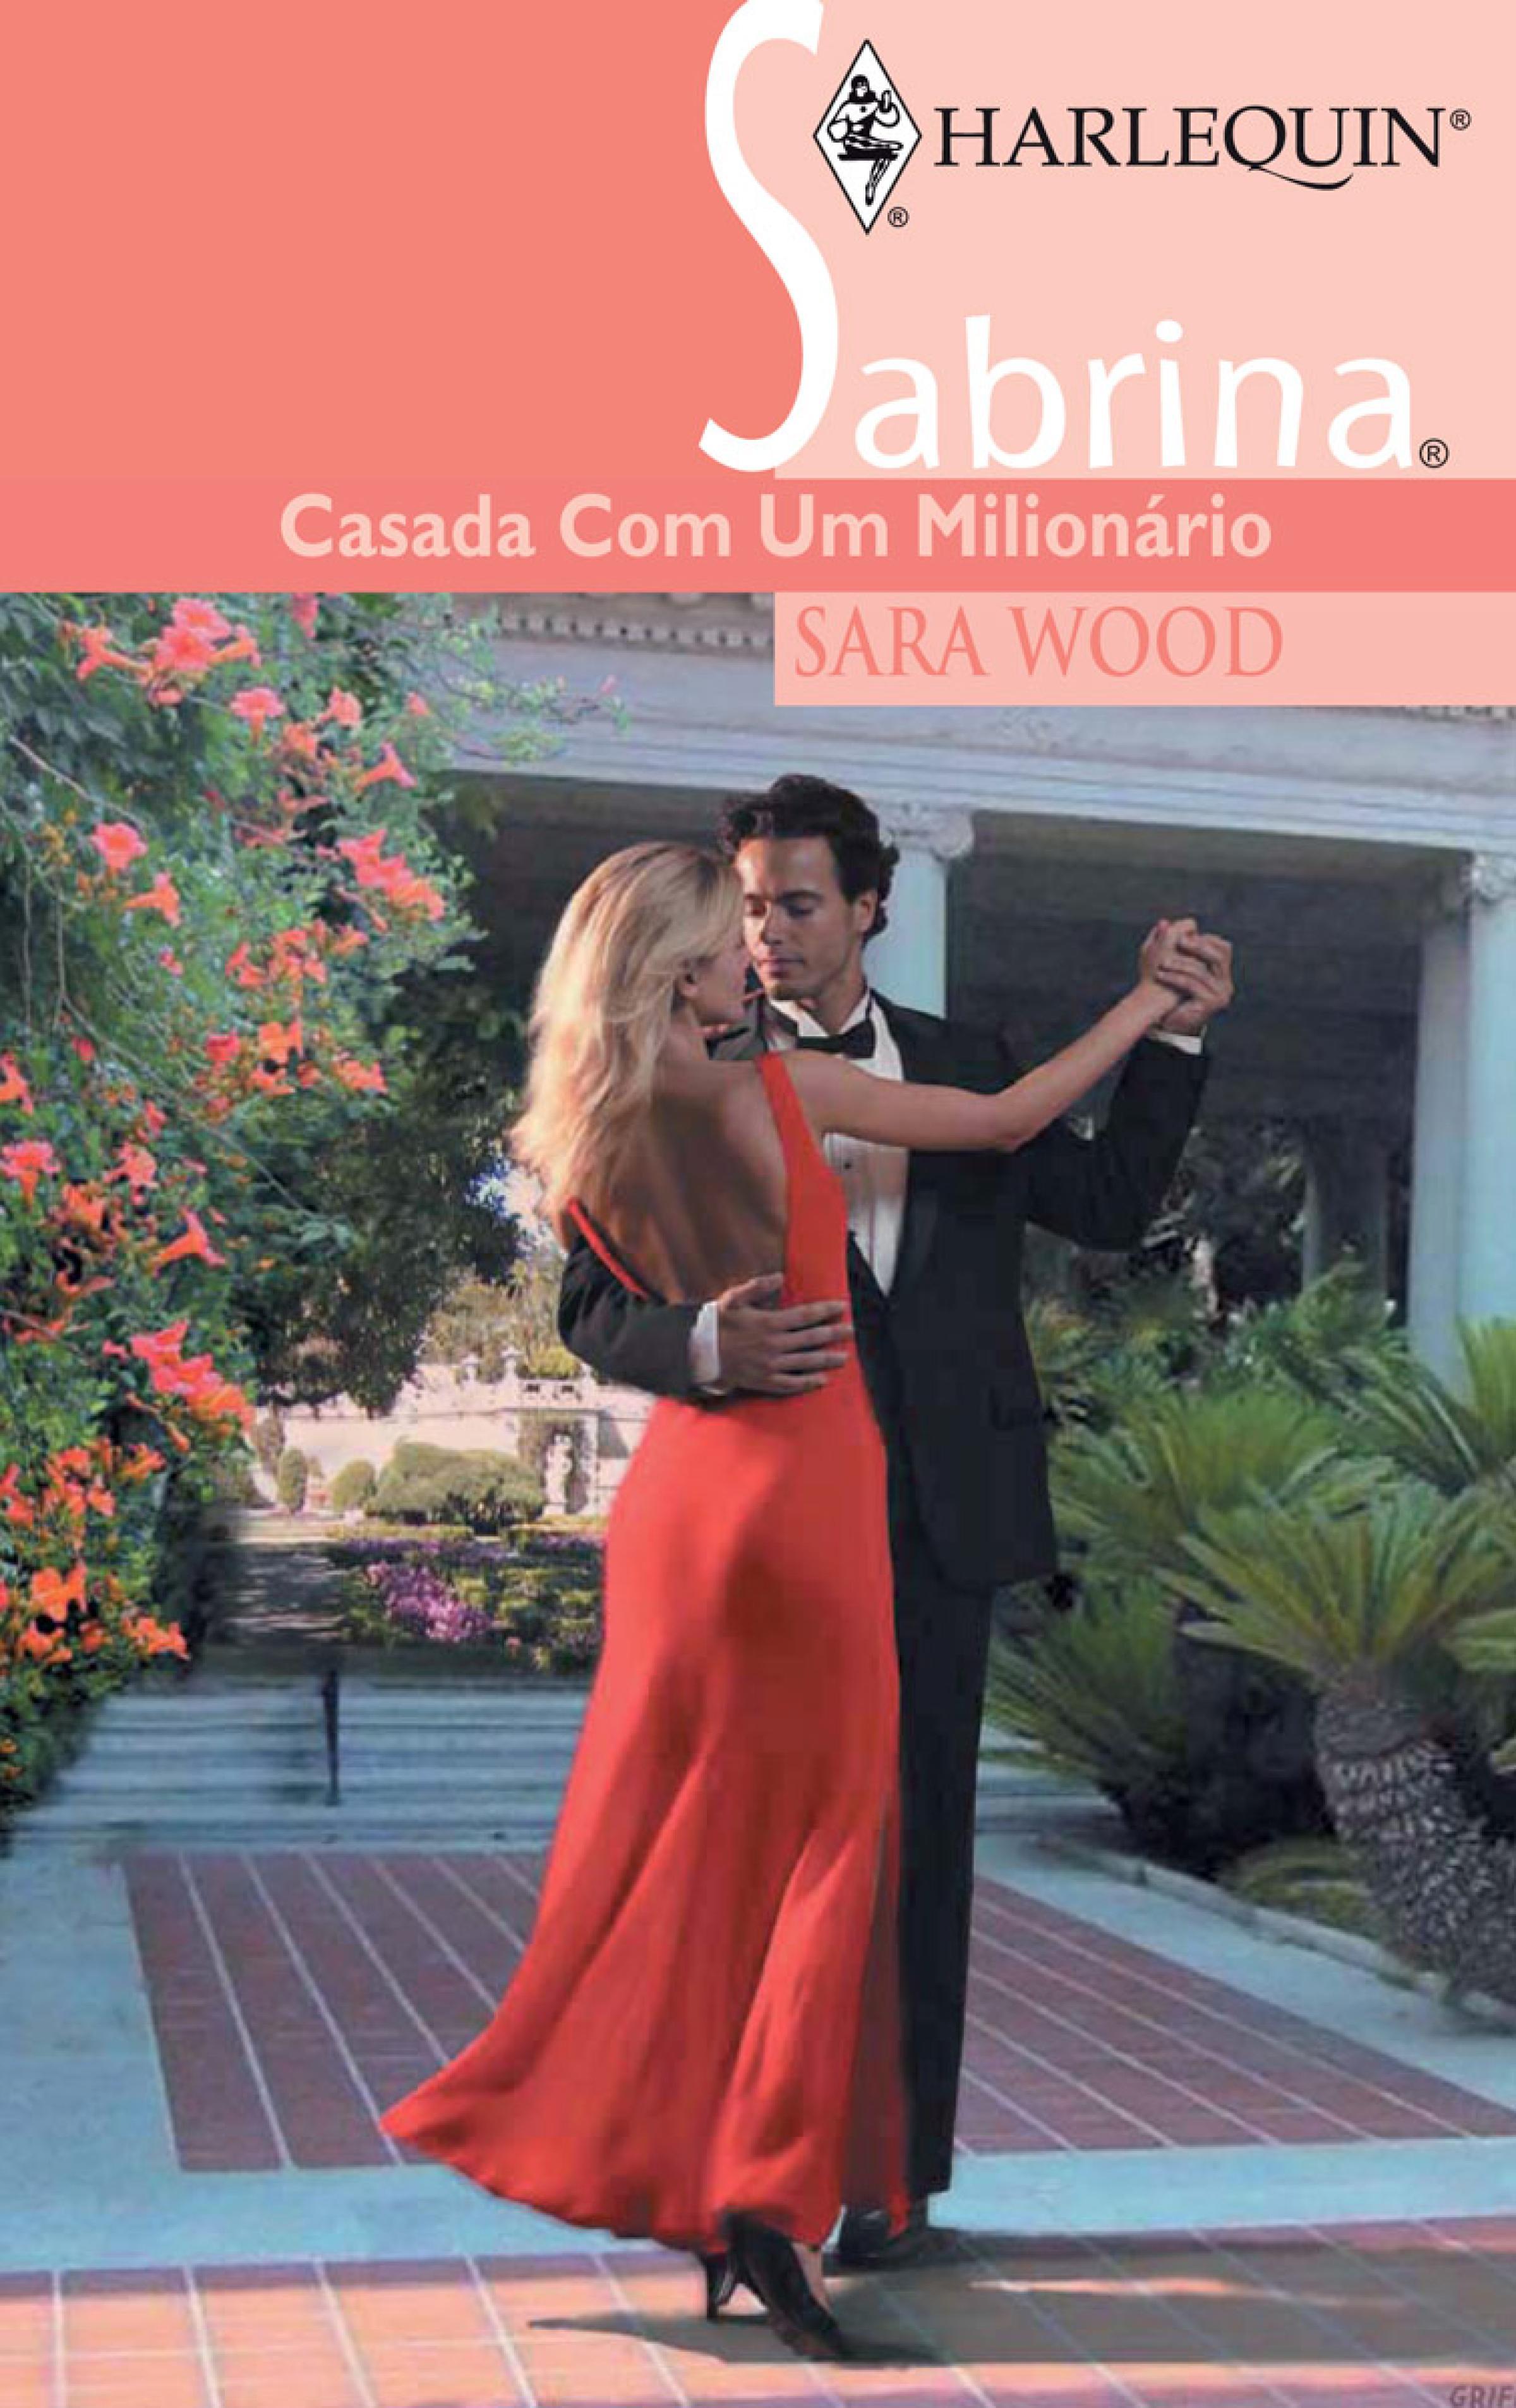 SARA WOOD Casada com um milionário casada maxiwell 3